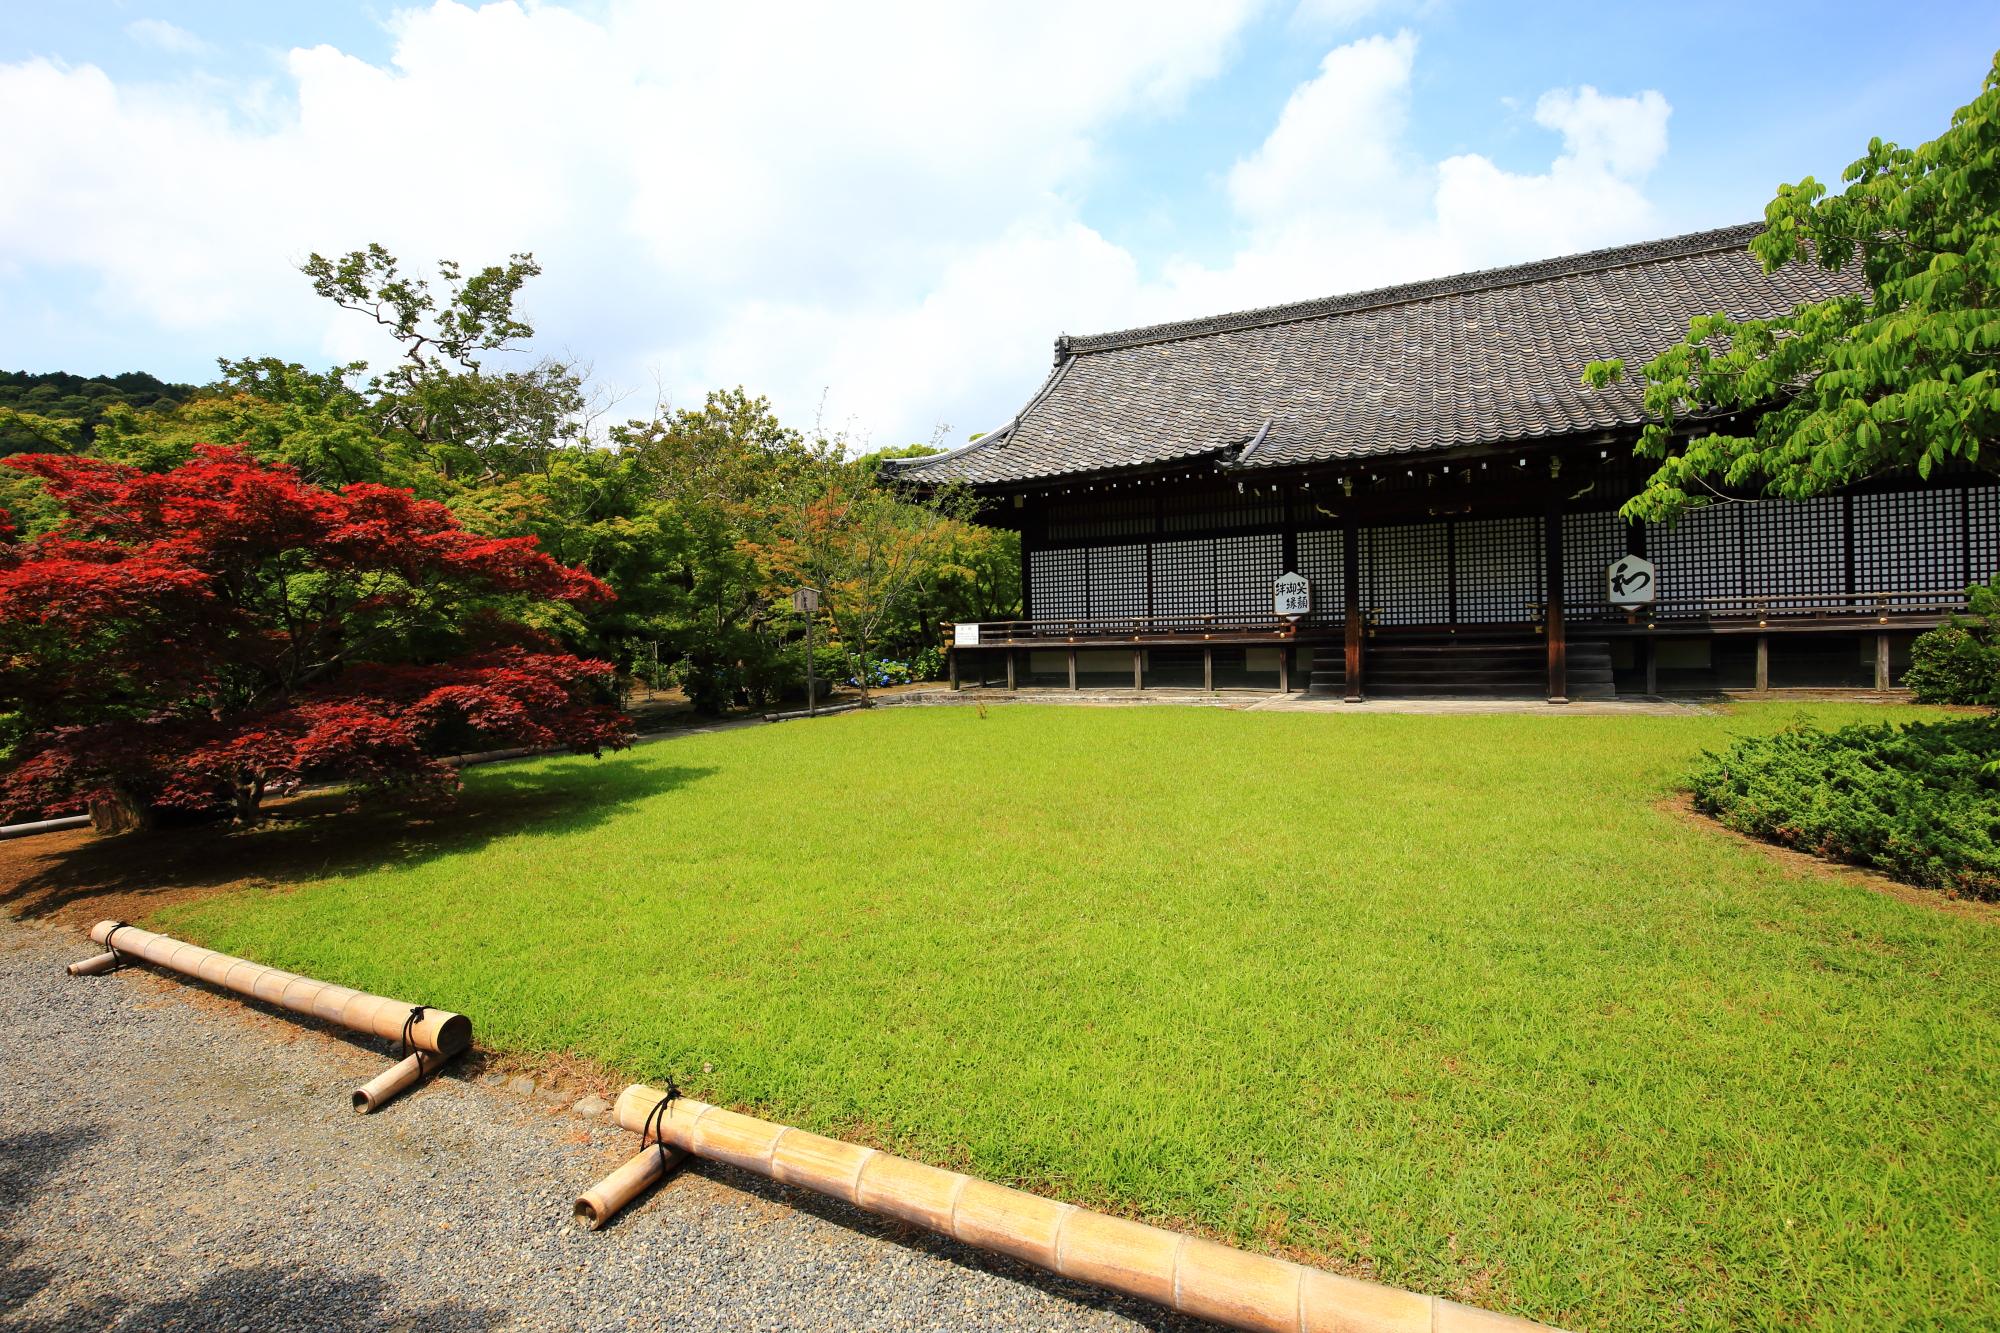 綺麗な緑の芝生の前にある宸殿